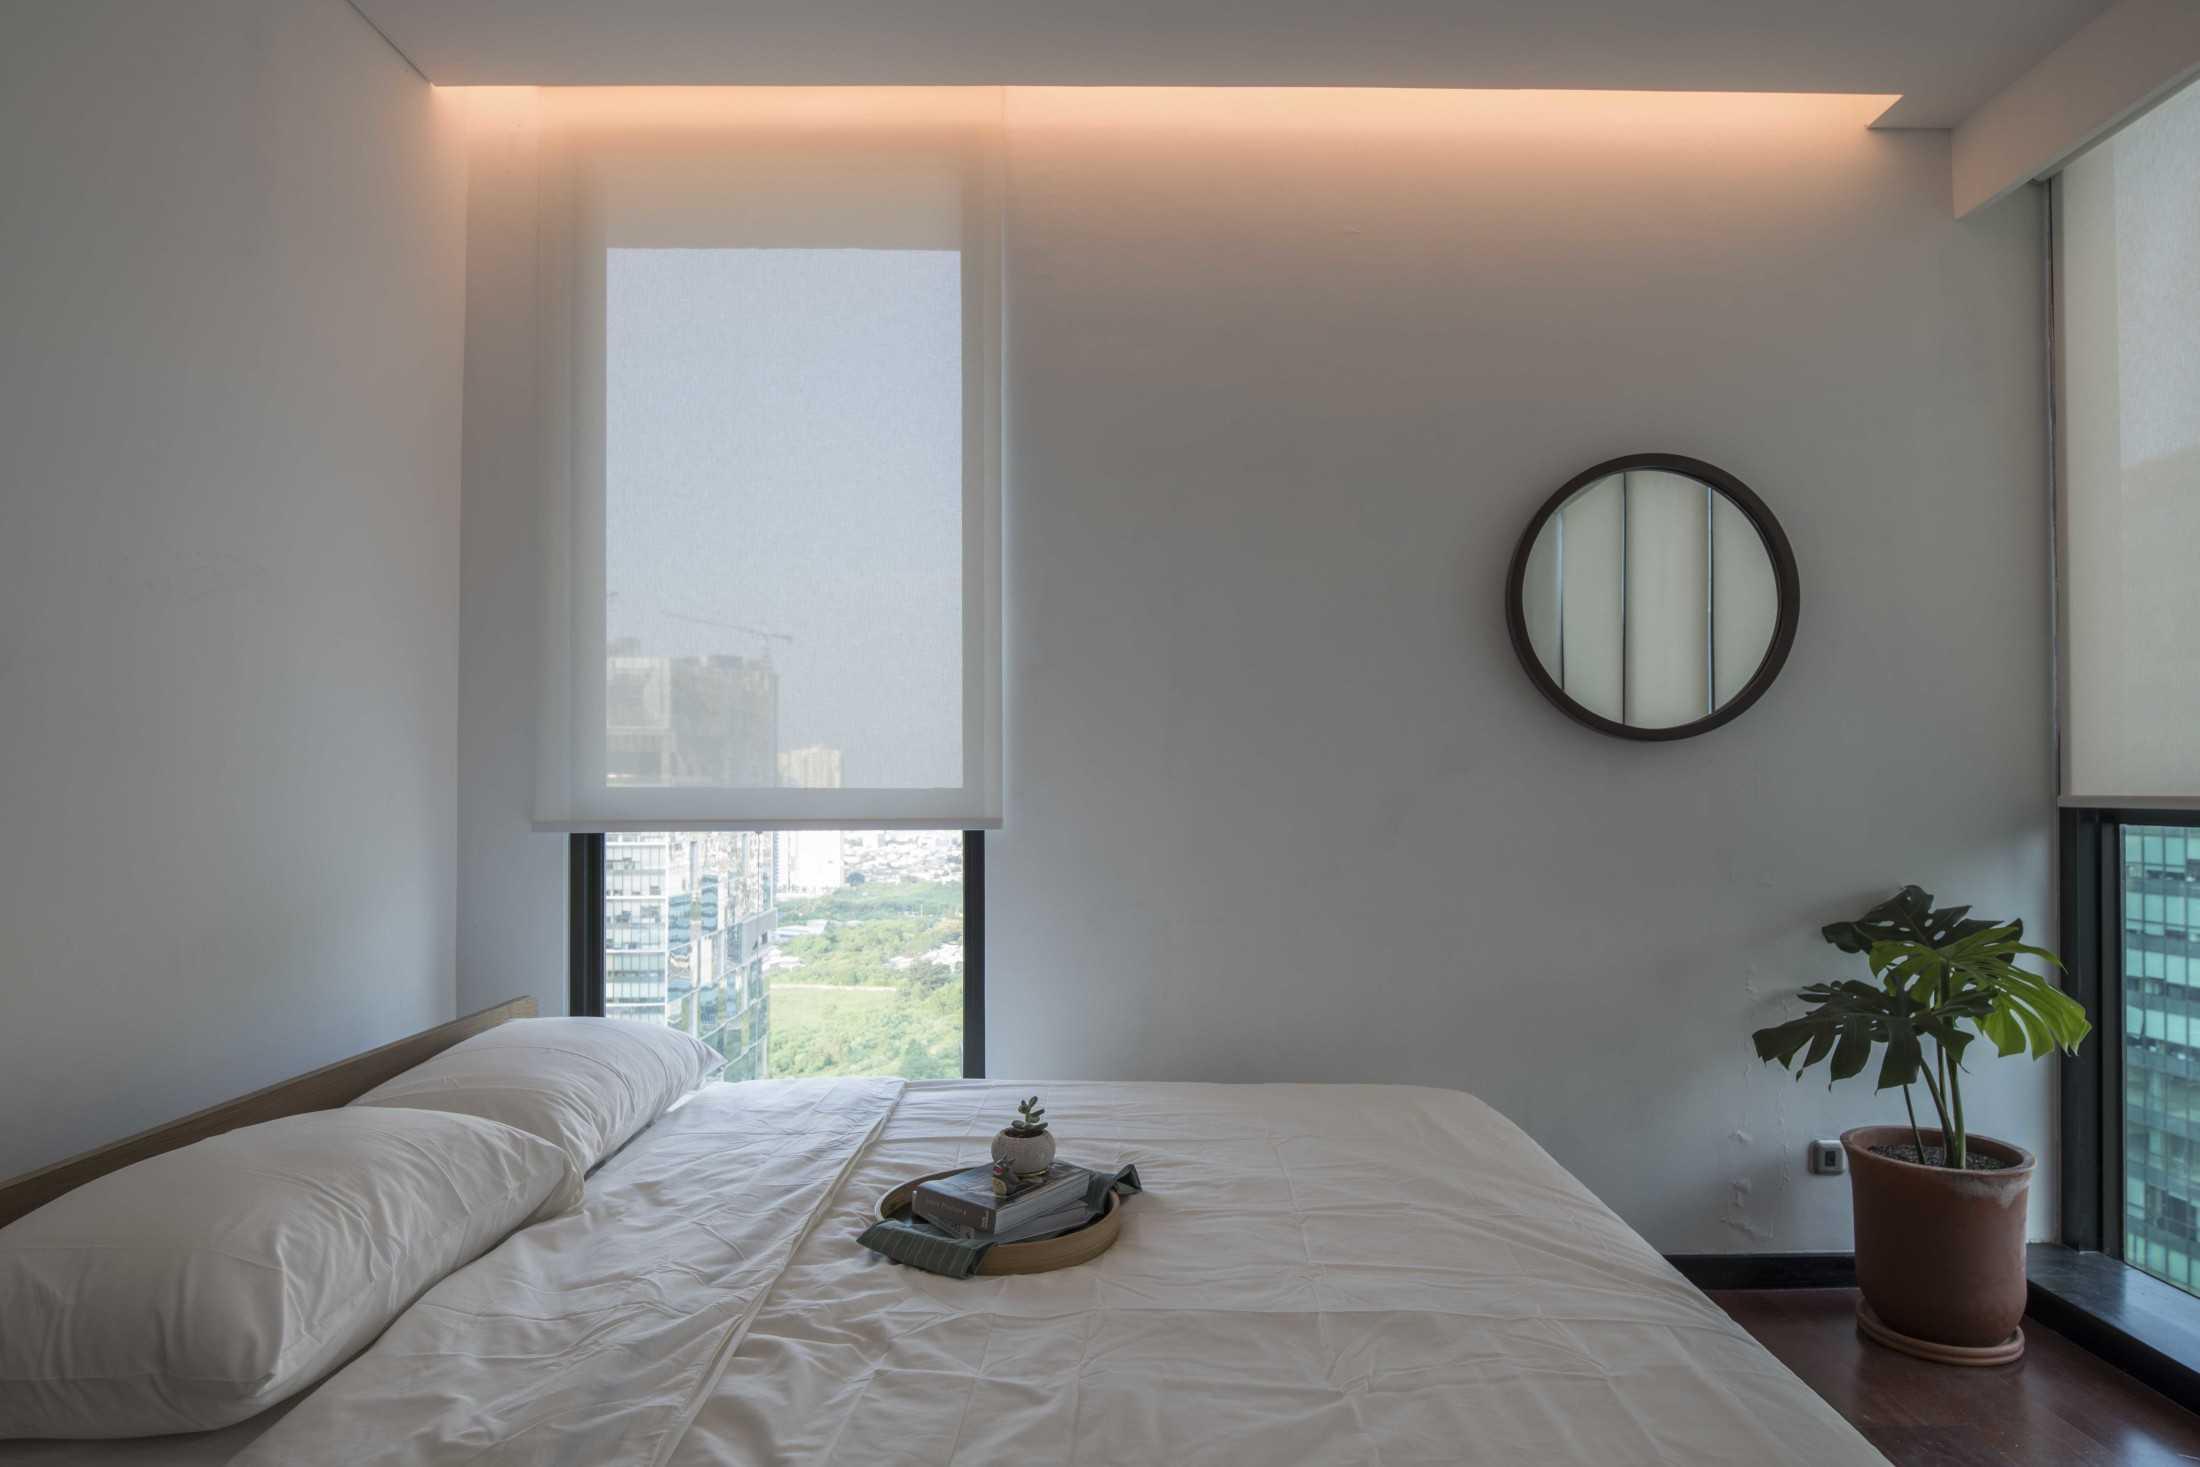 Kamar tidur minimalis serba putih yang nyaman di apartemen mungil (Sumber: arsitag.com)